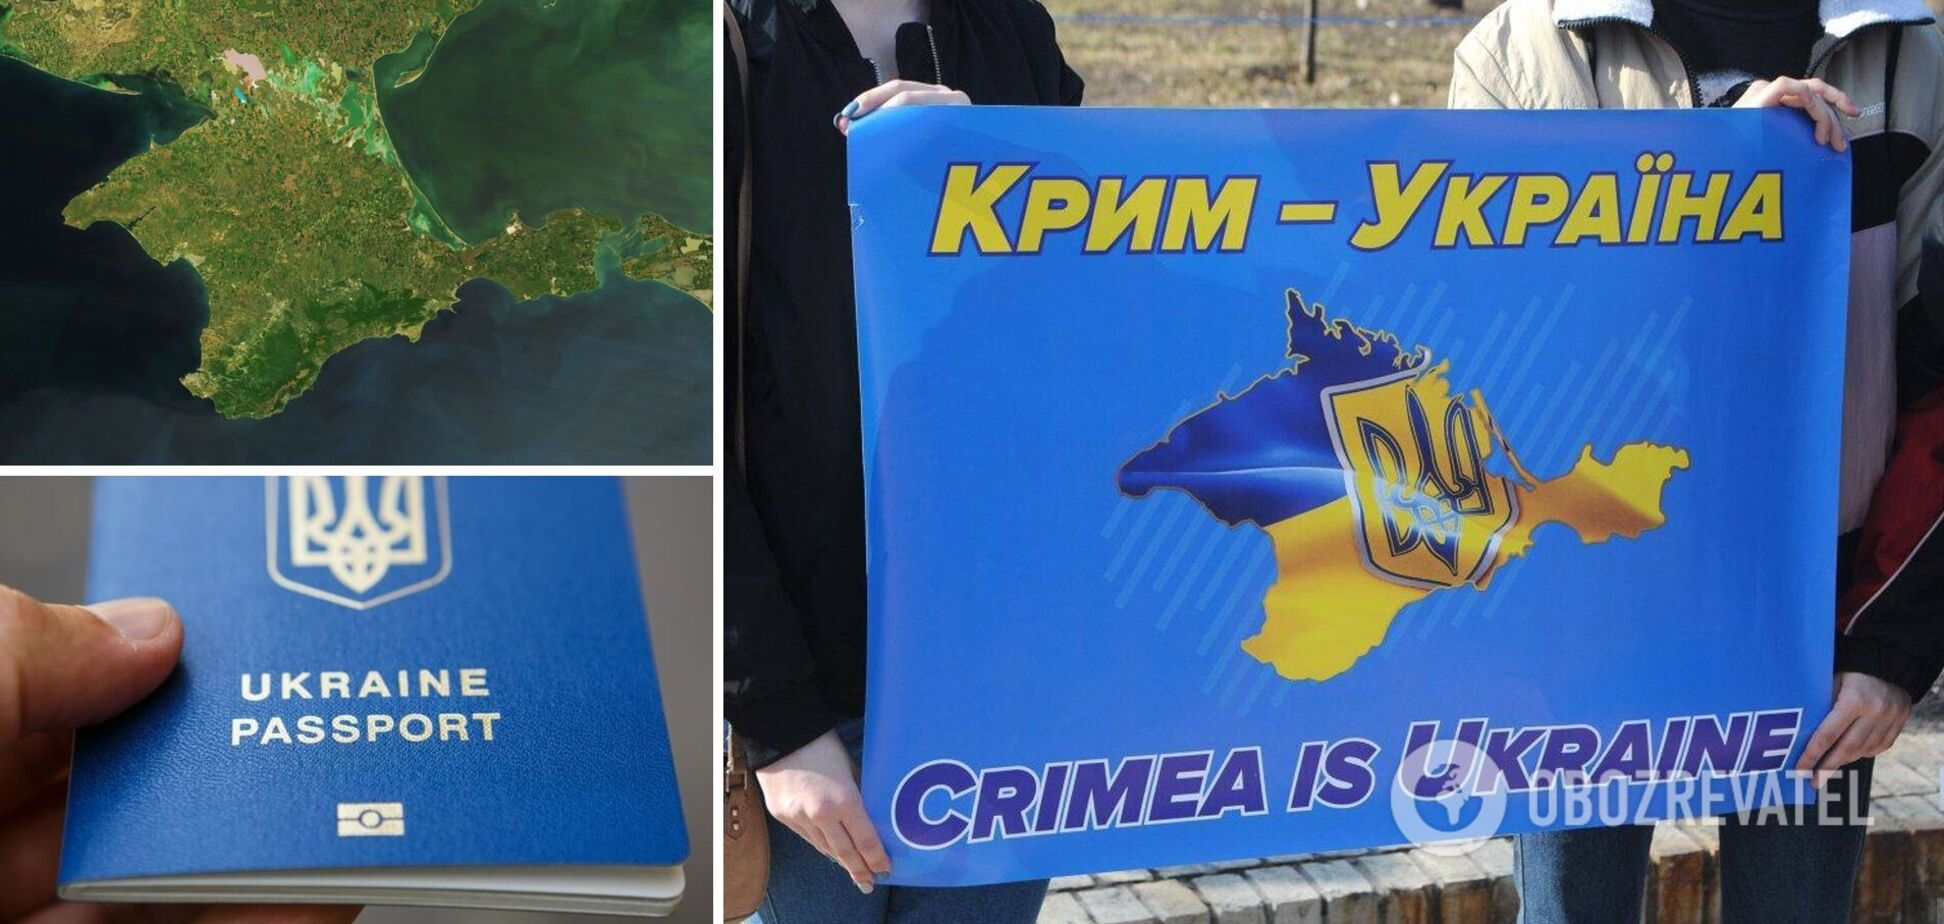 'Меня просто нет!' Крымчанка, выбравшая Украину вместо 'русского мира', просит помощи у Зеленского